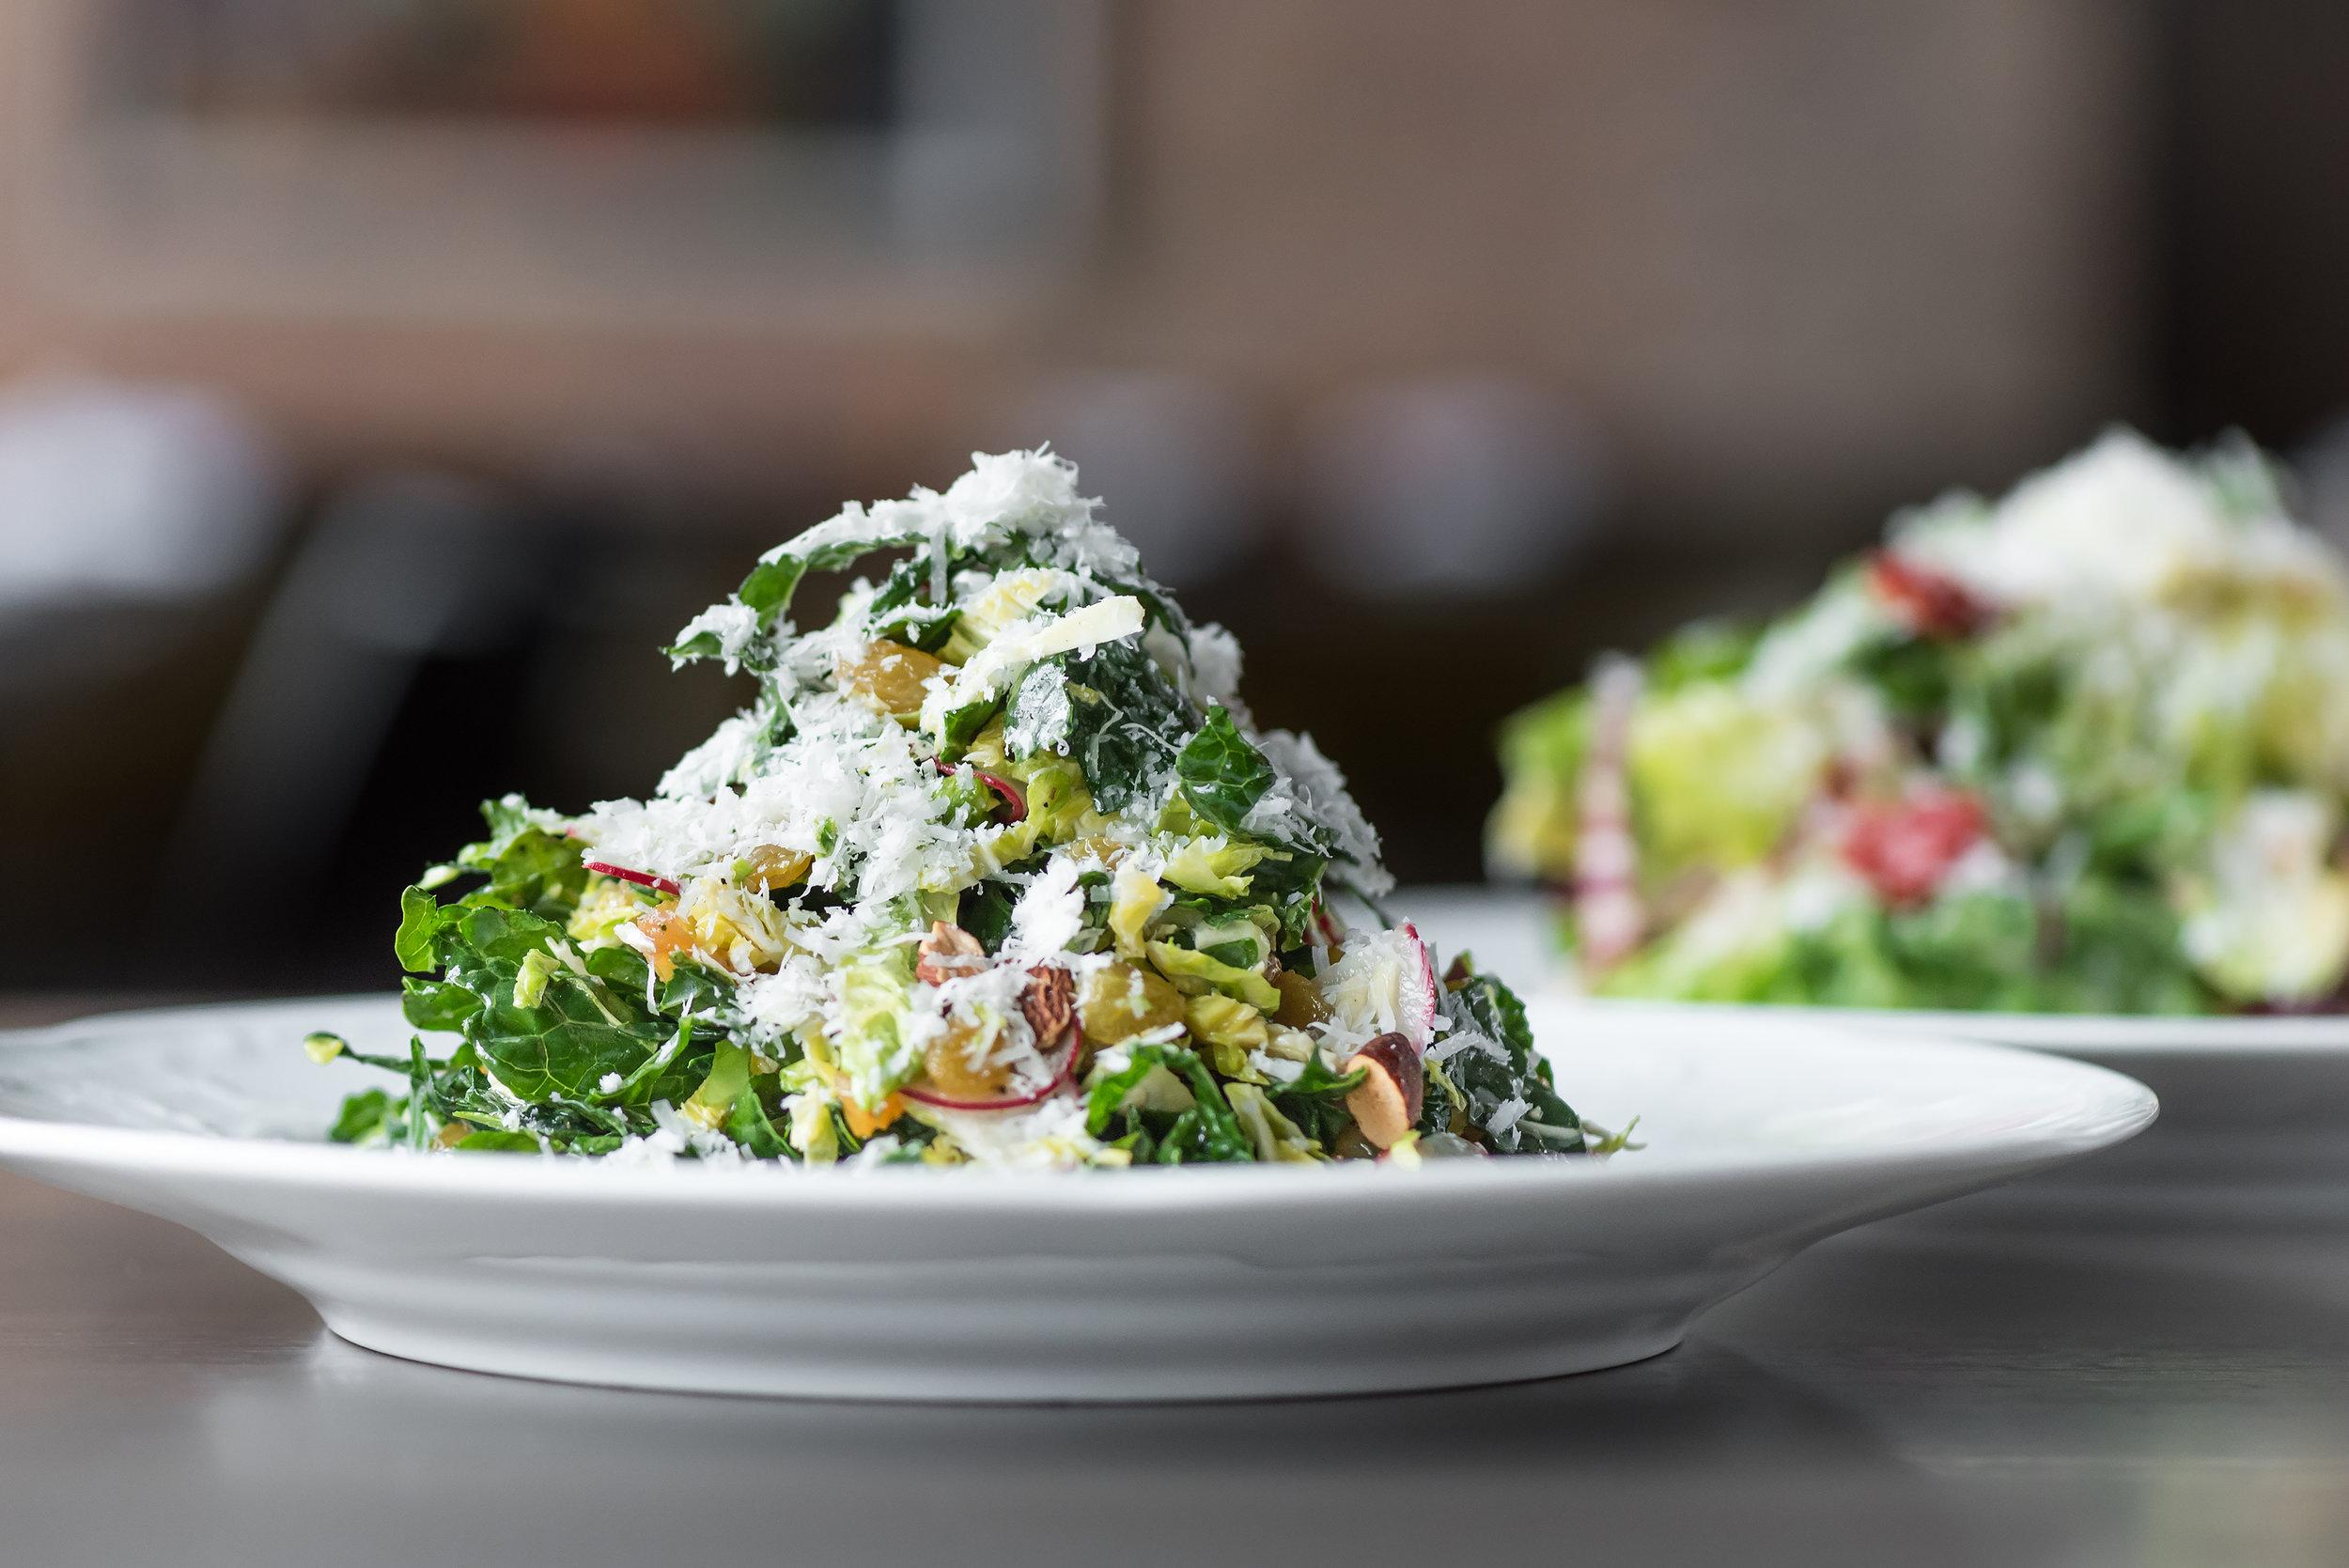 Kale_Salad.jpg